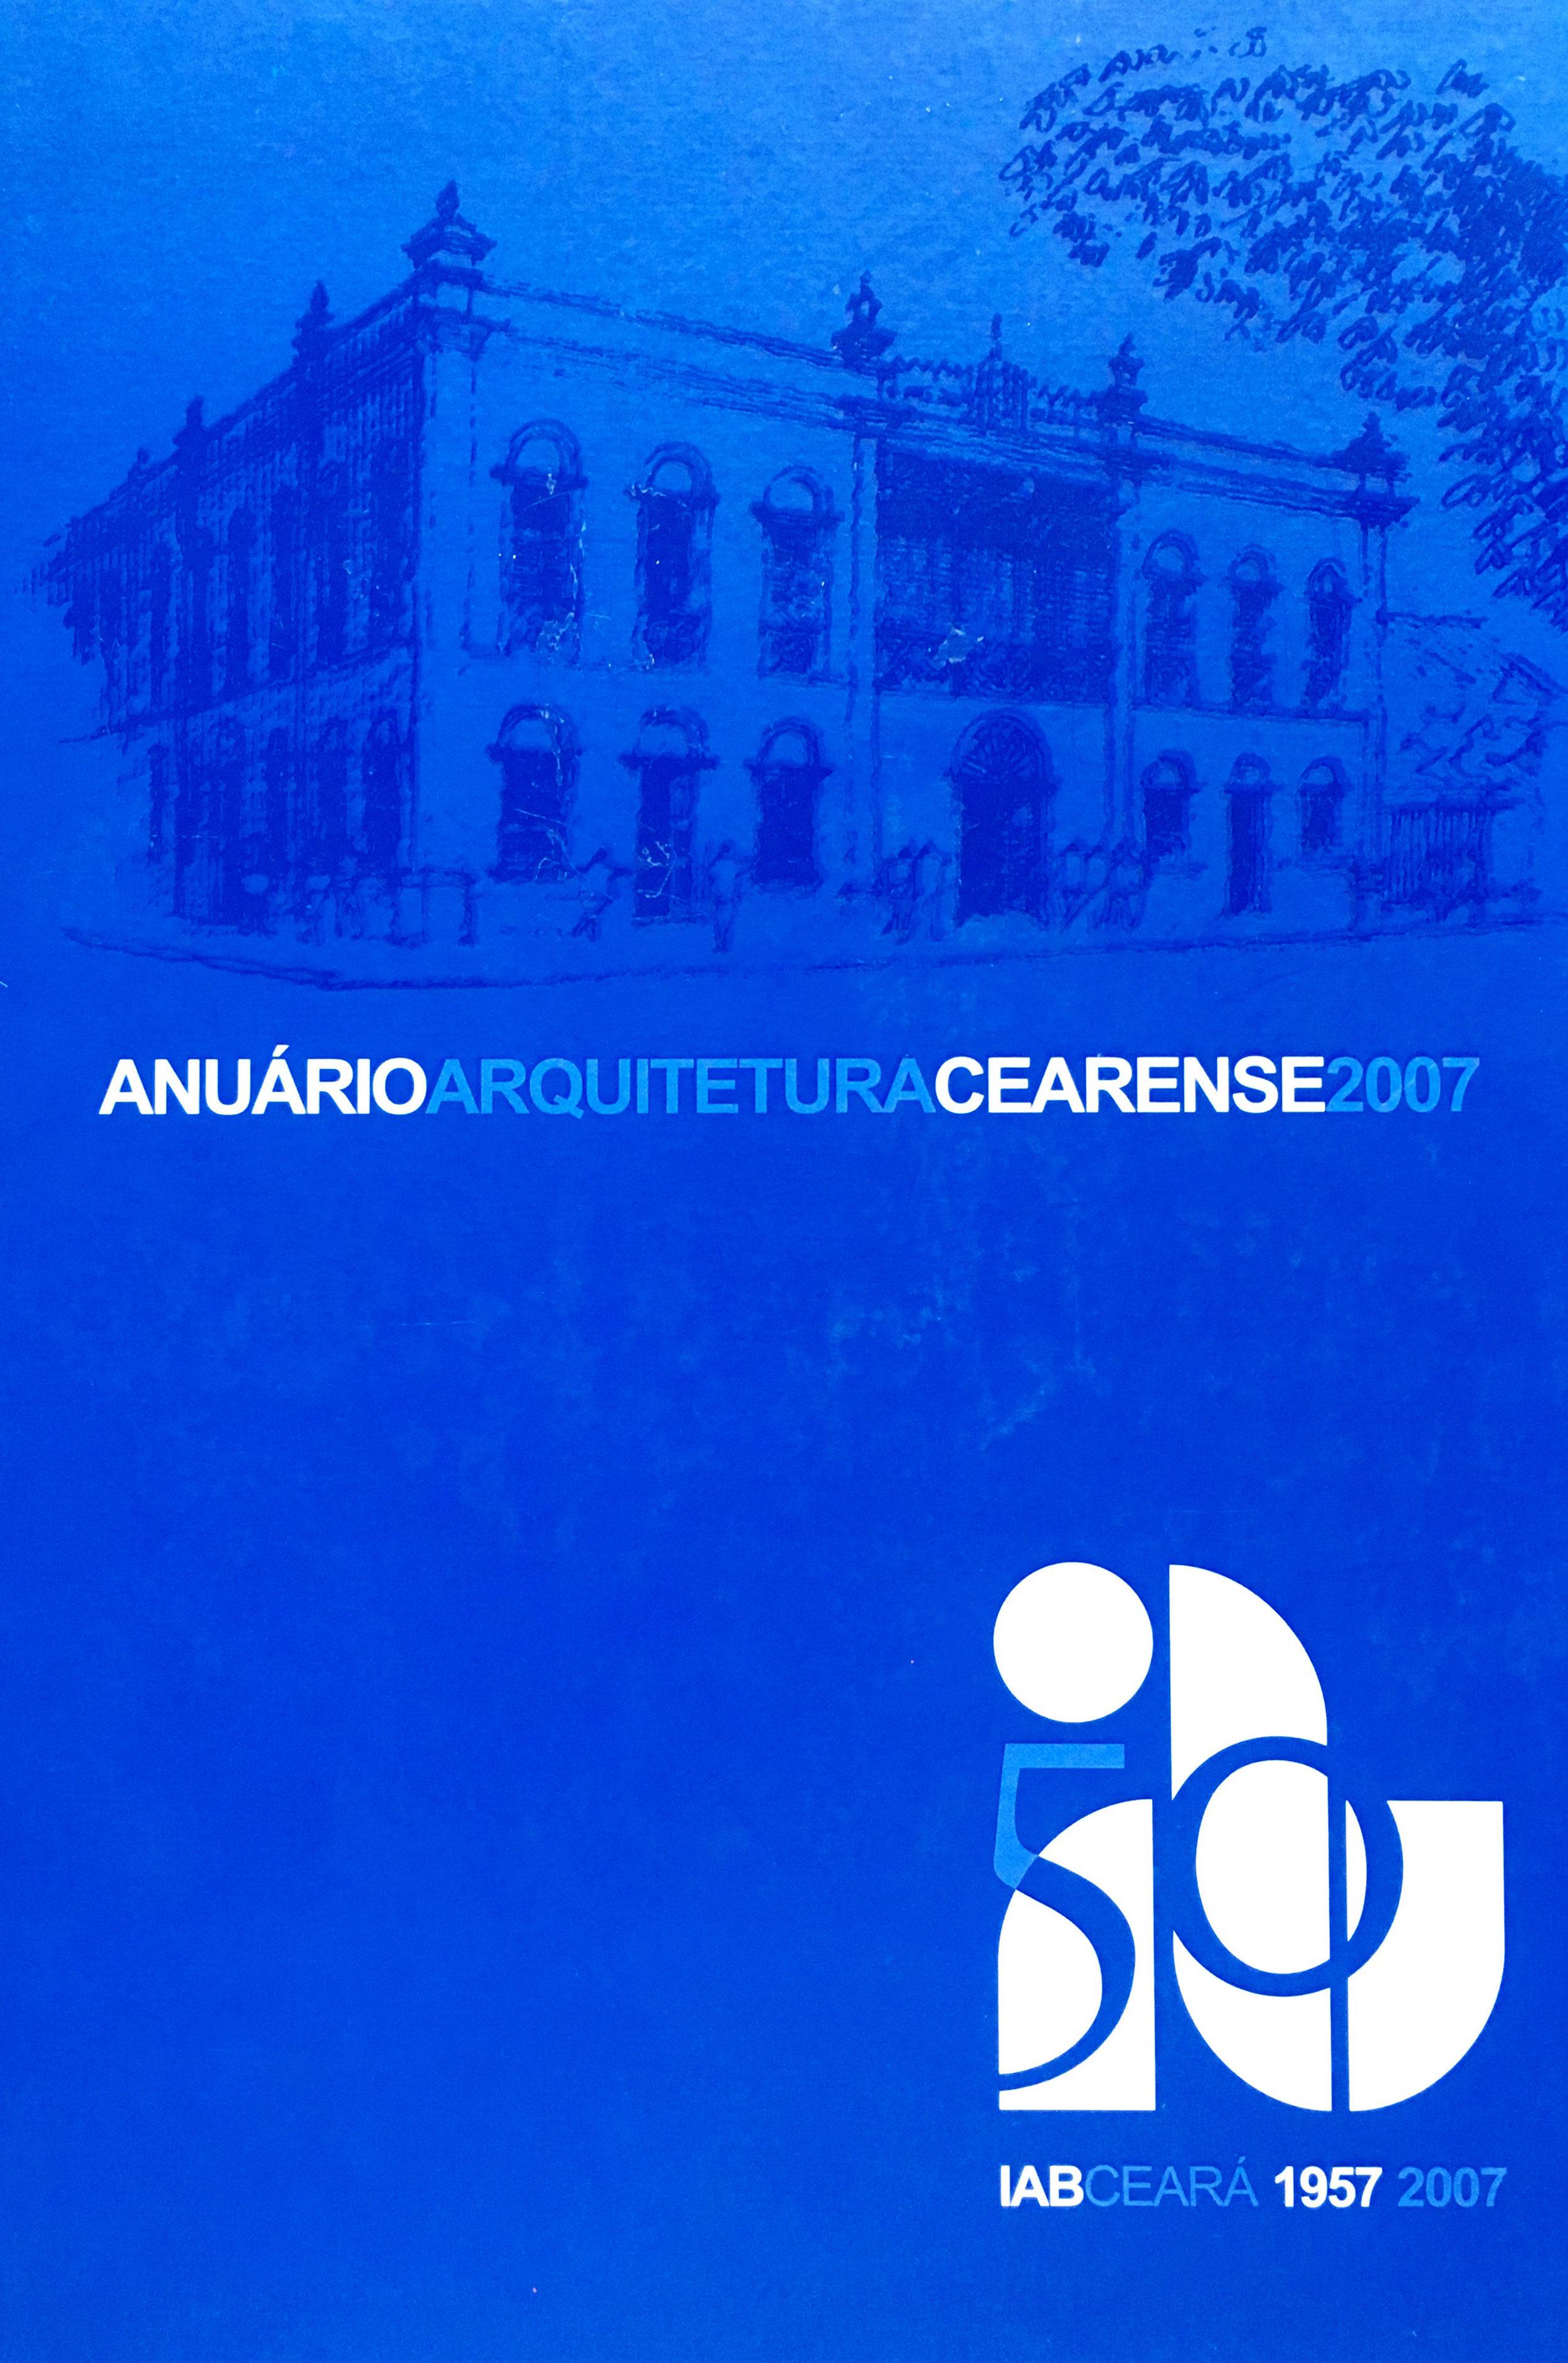 Anuário arquitetura <br /> cearense 2007